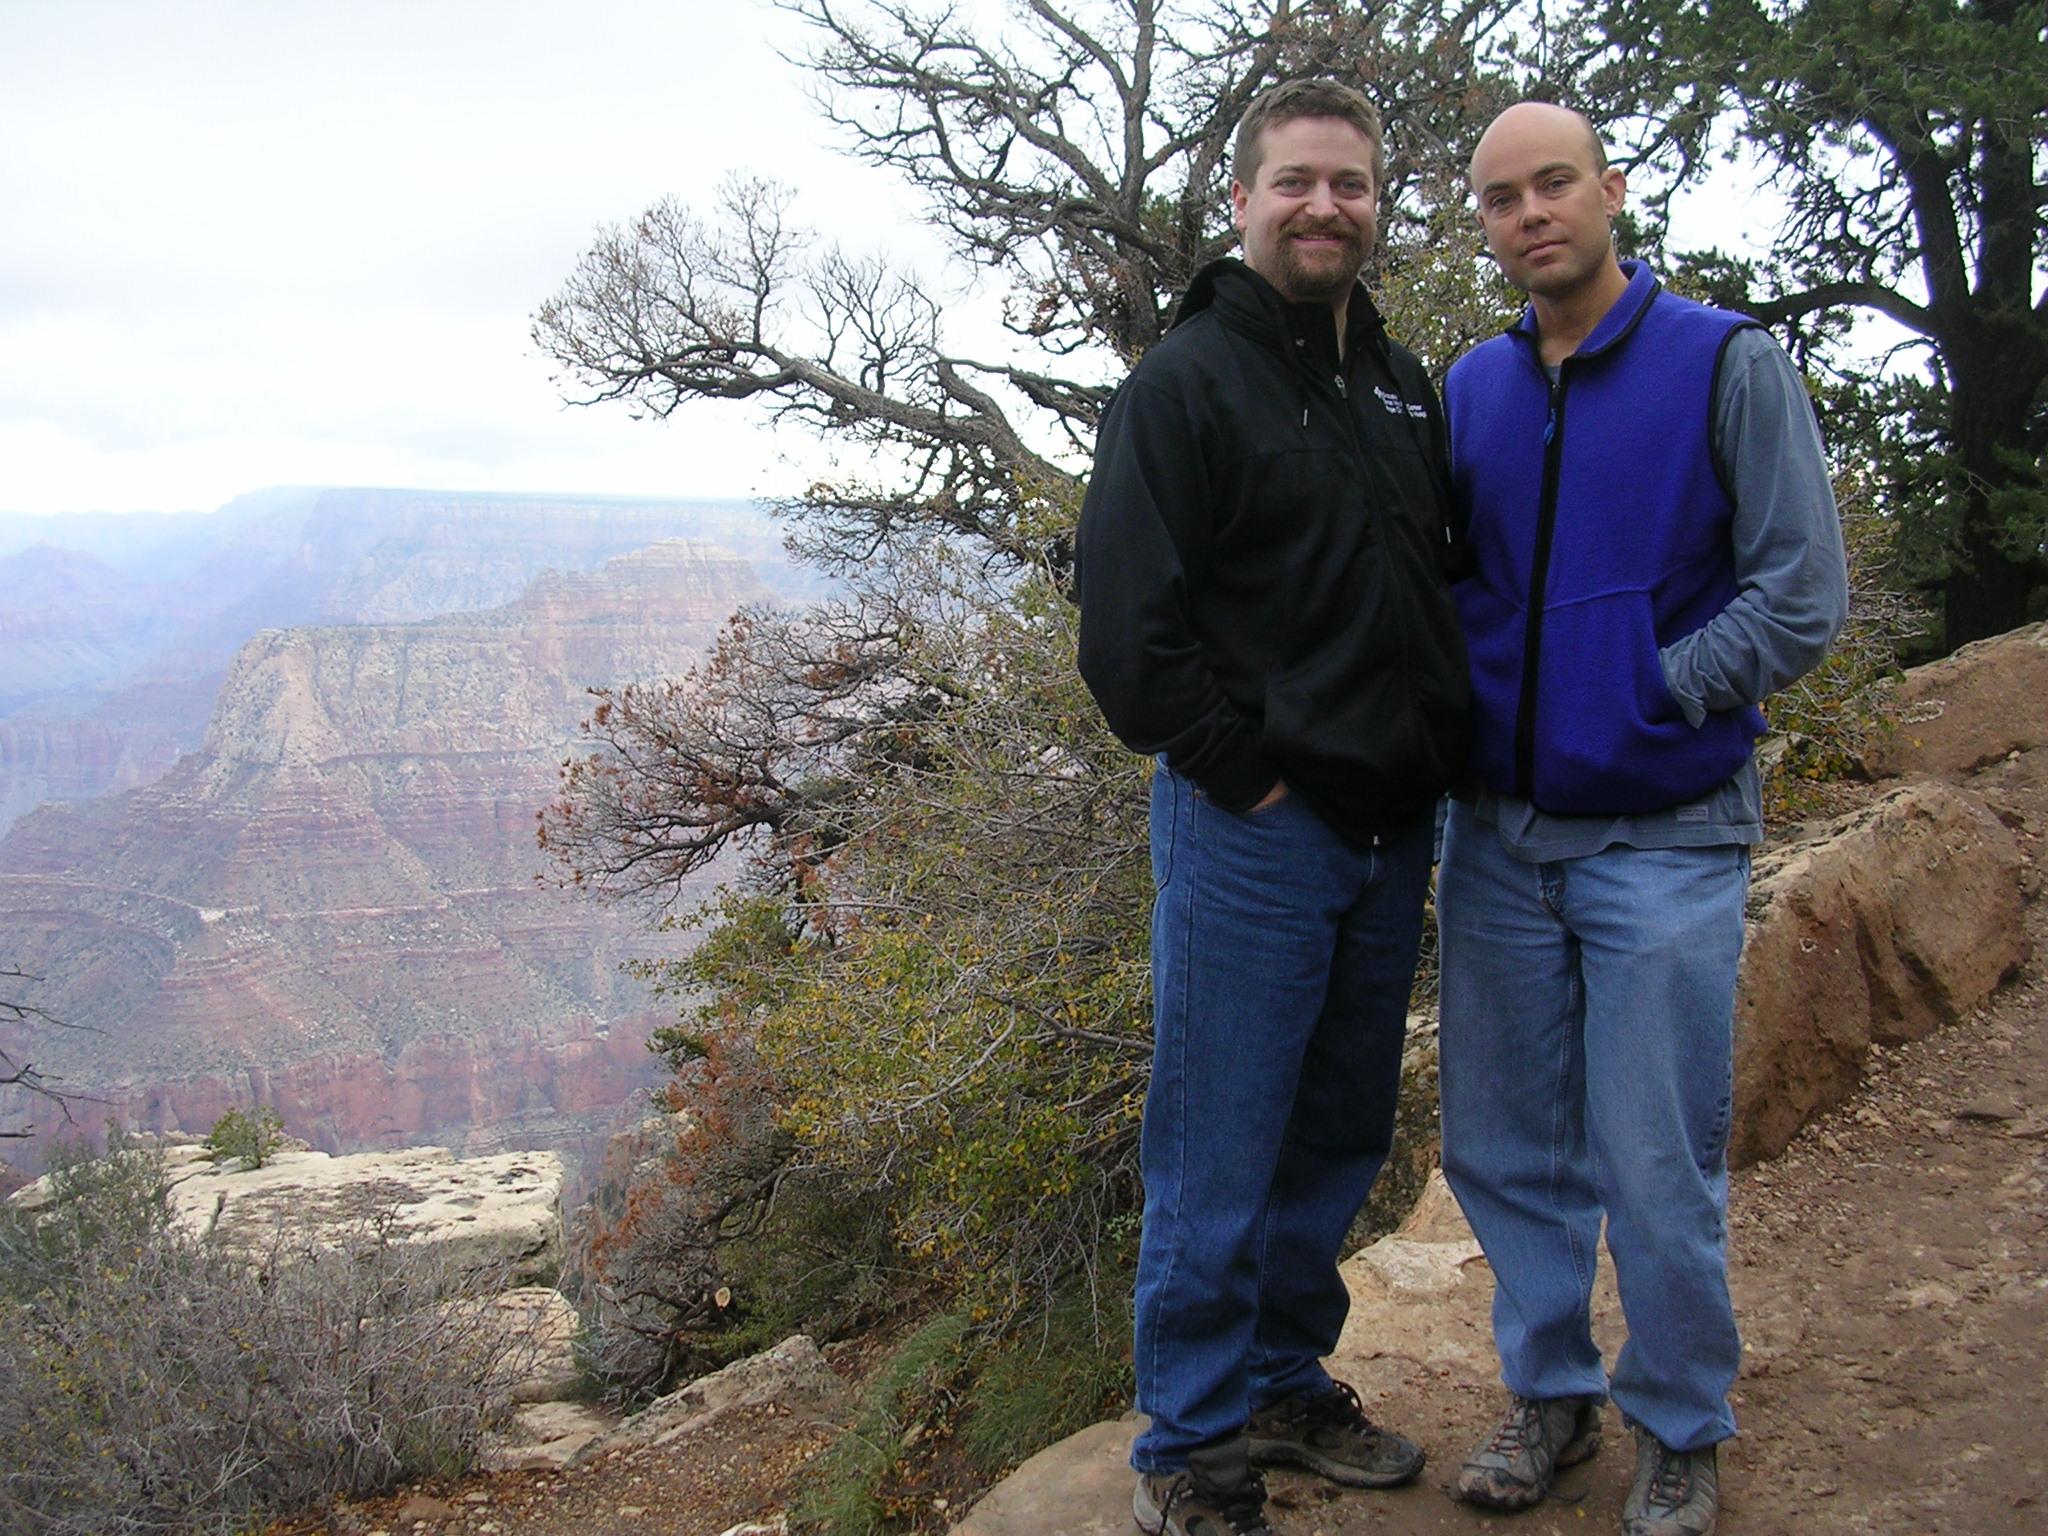 Brian and Dan